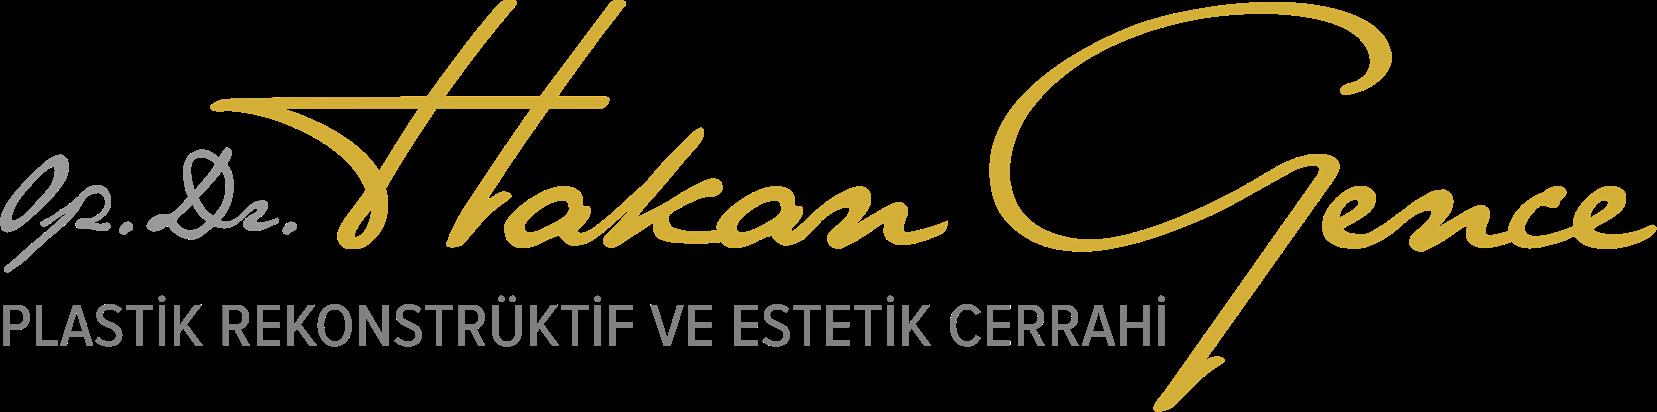 Op.Dr. Hakan Gence